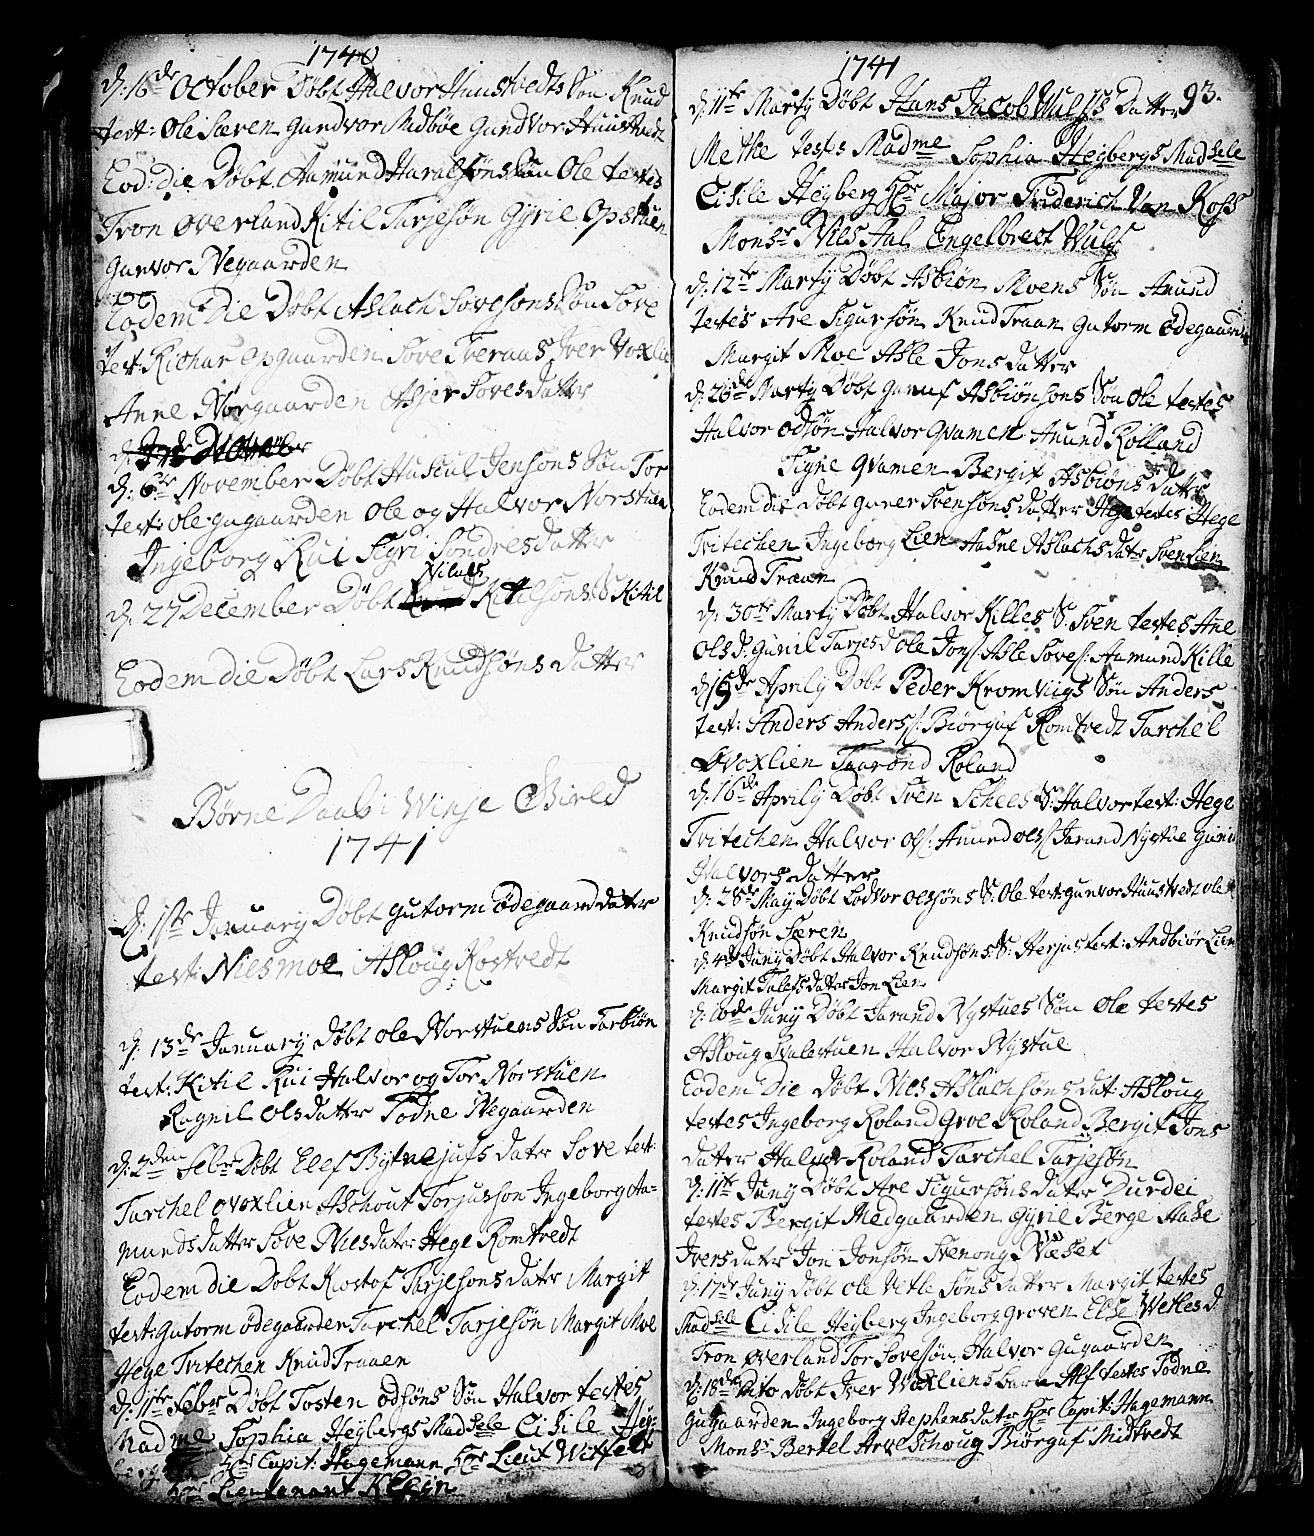 SAKO, Vinje kirkebøker, F/Fa/L0001: Ministerialbok nr. I 1, 1717-1766, s. 93